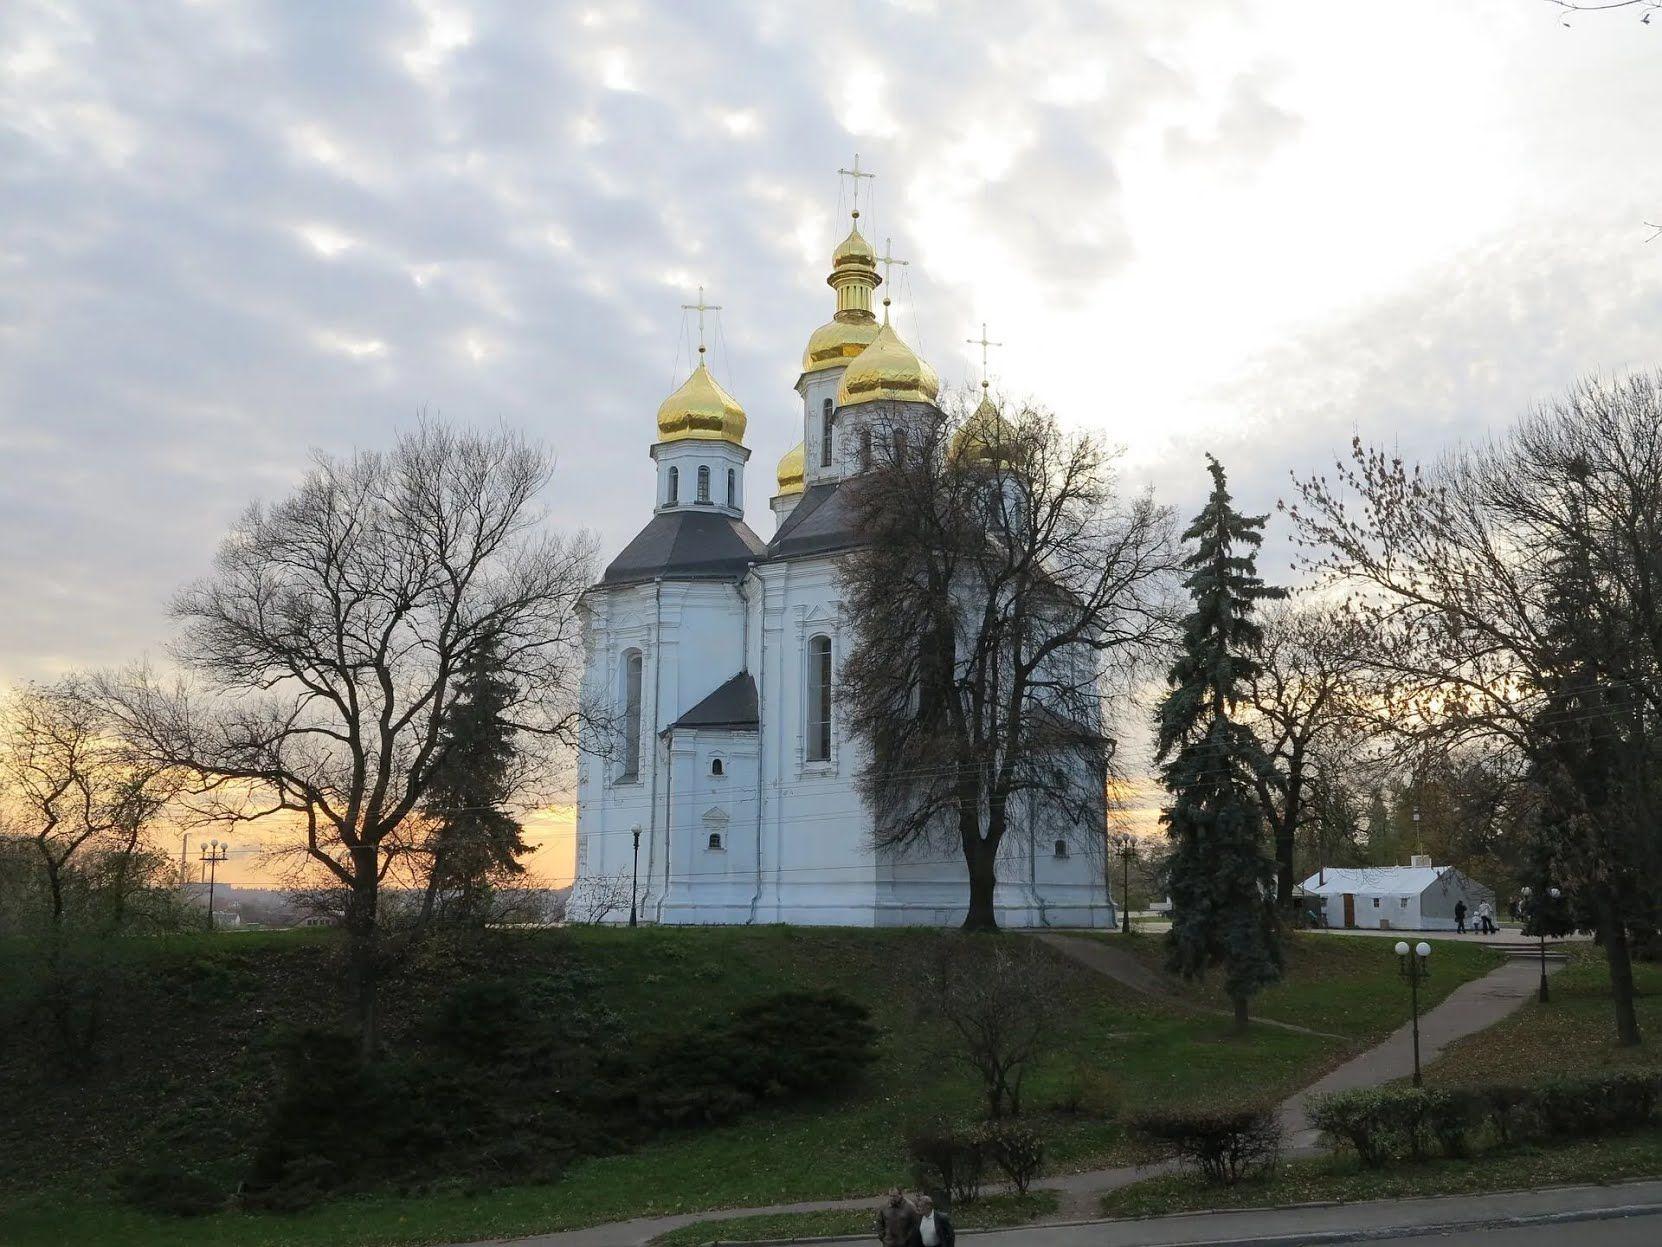 Чернігів - місто із давньою історією.